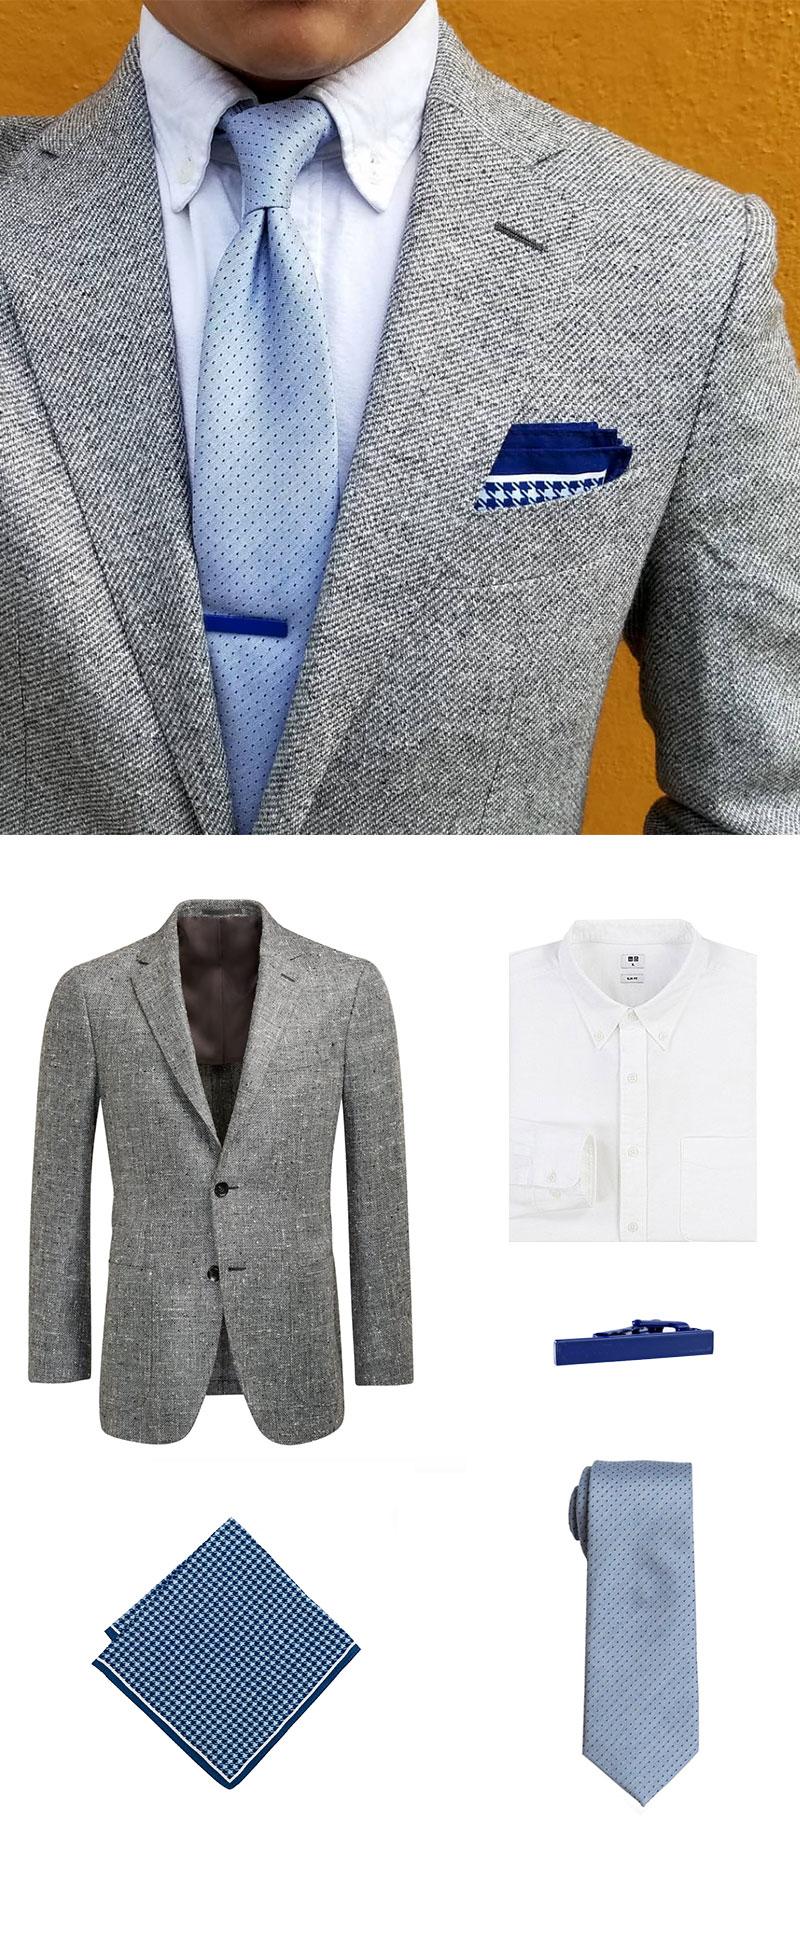 Best Spring Style For Men